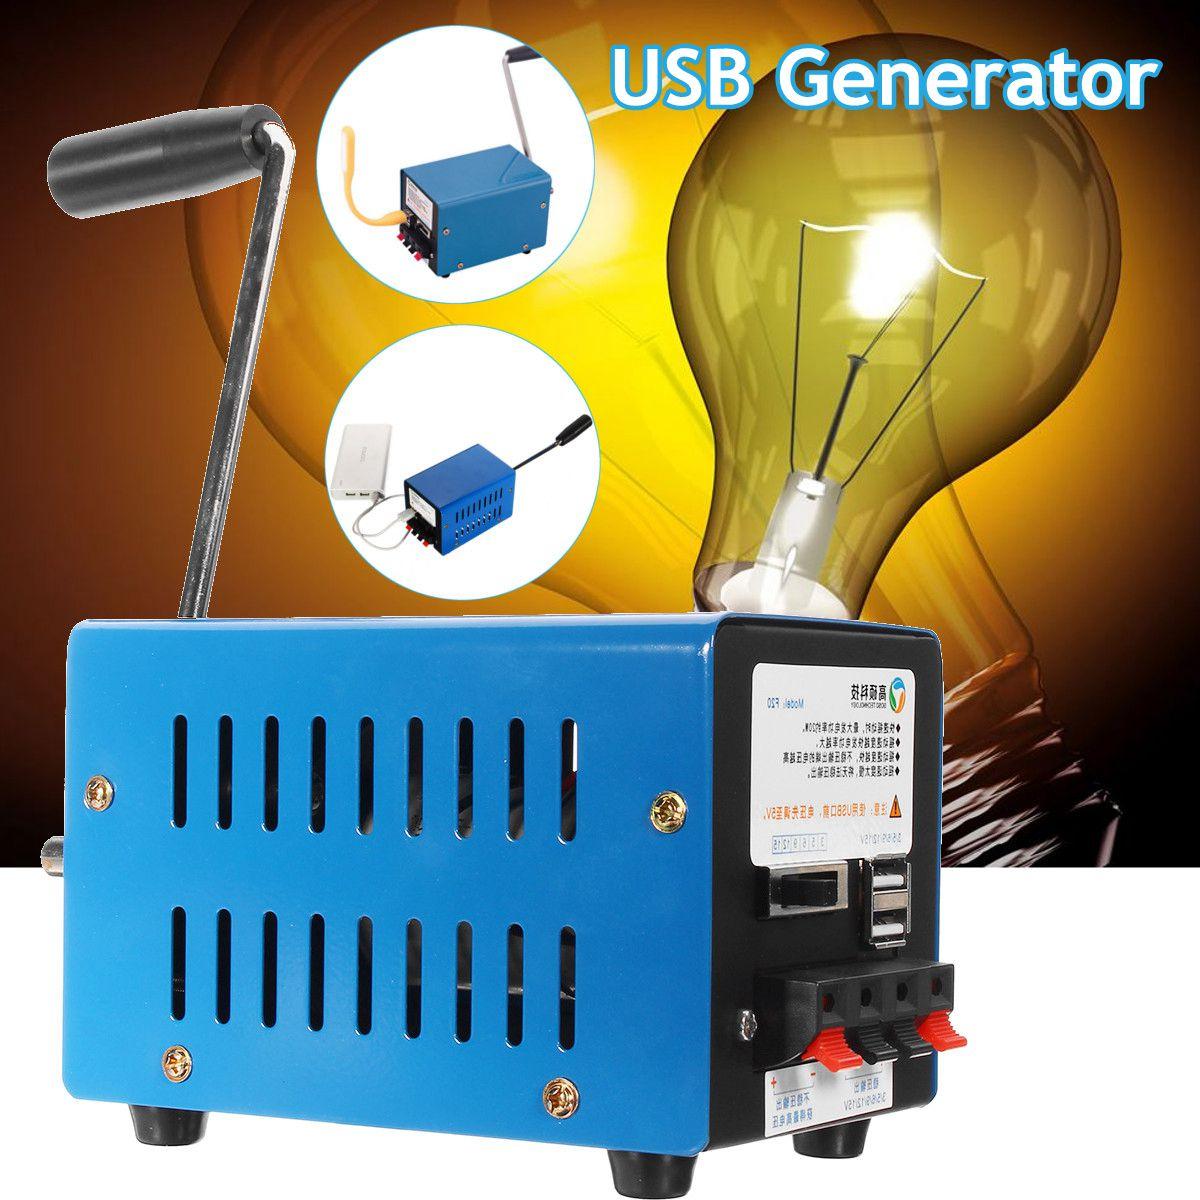 Cargador de dinamo de alta potencia portátil de emergencia manivela de mano de potencia de carga USB de emergencia de supervivencia manivela de mano generador